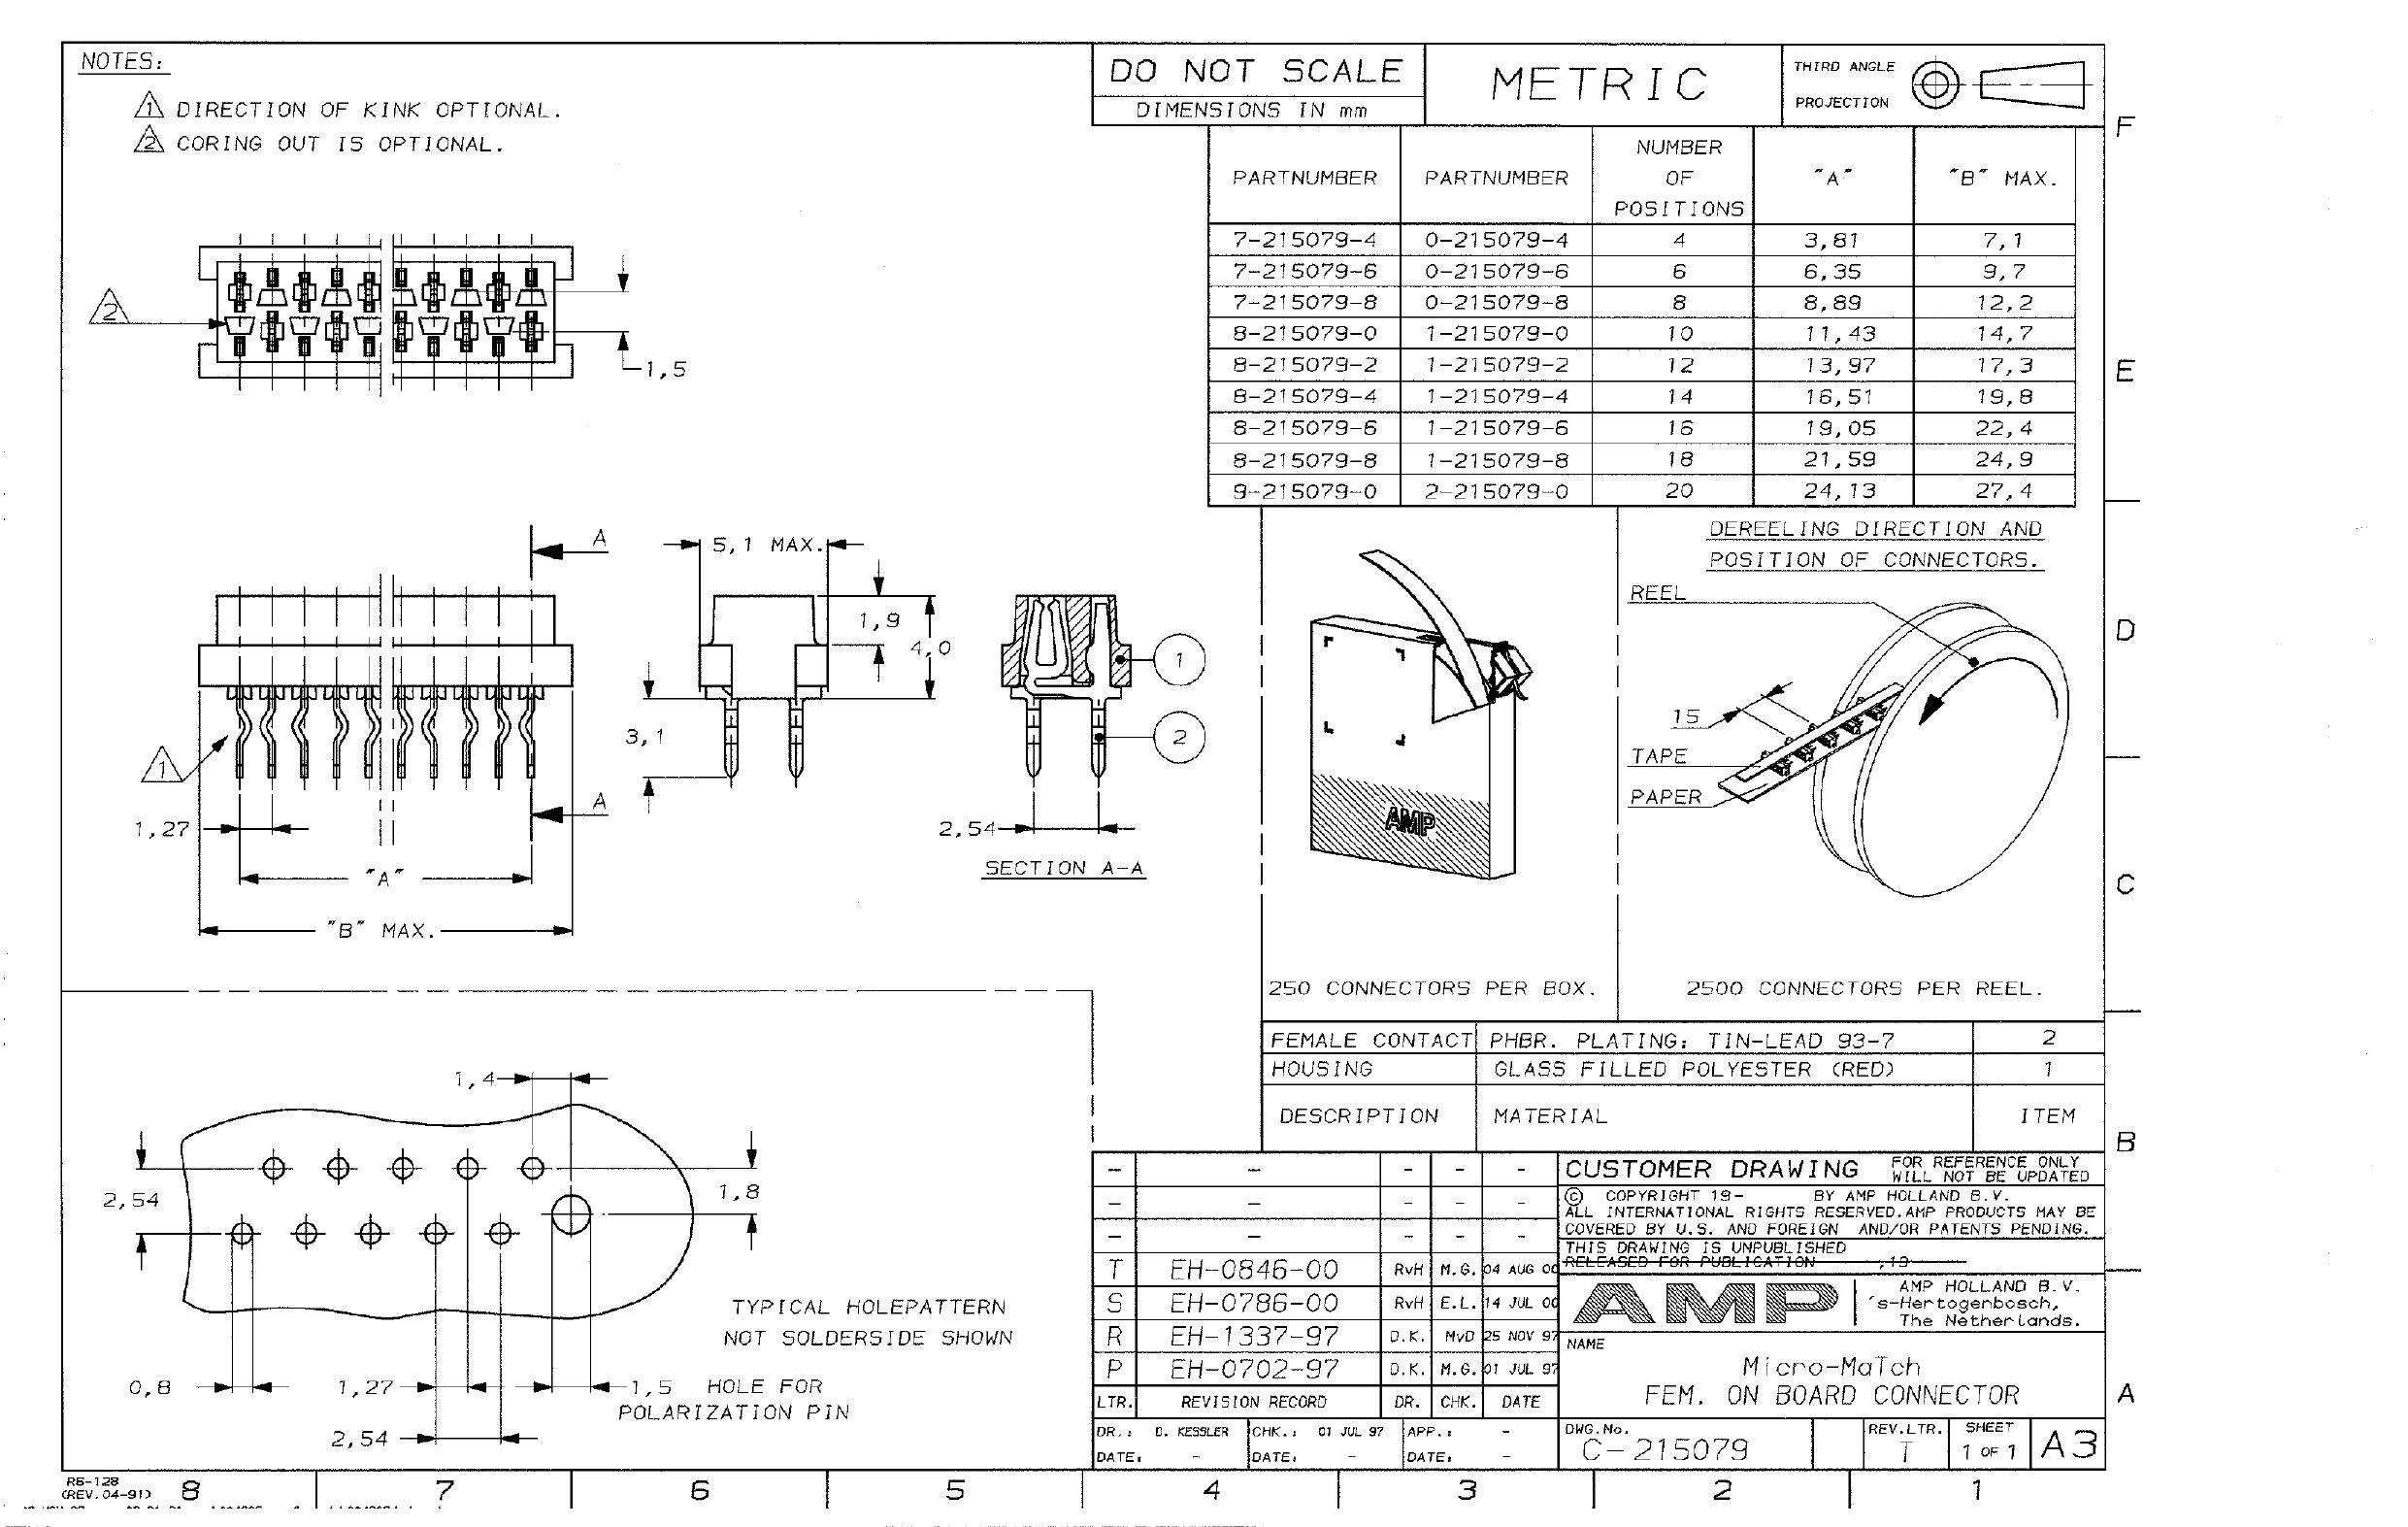 0-215079-8 دیتاشیت PDF